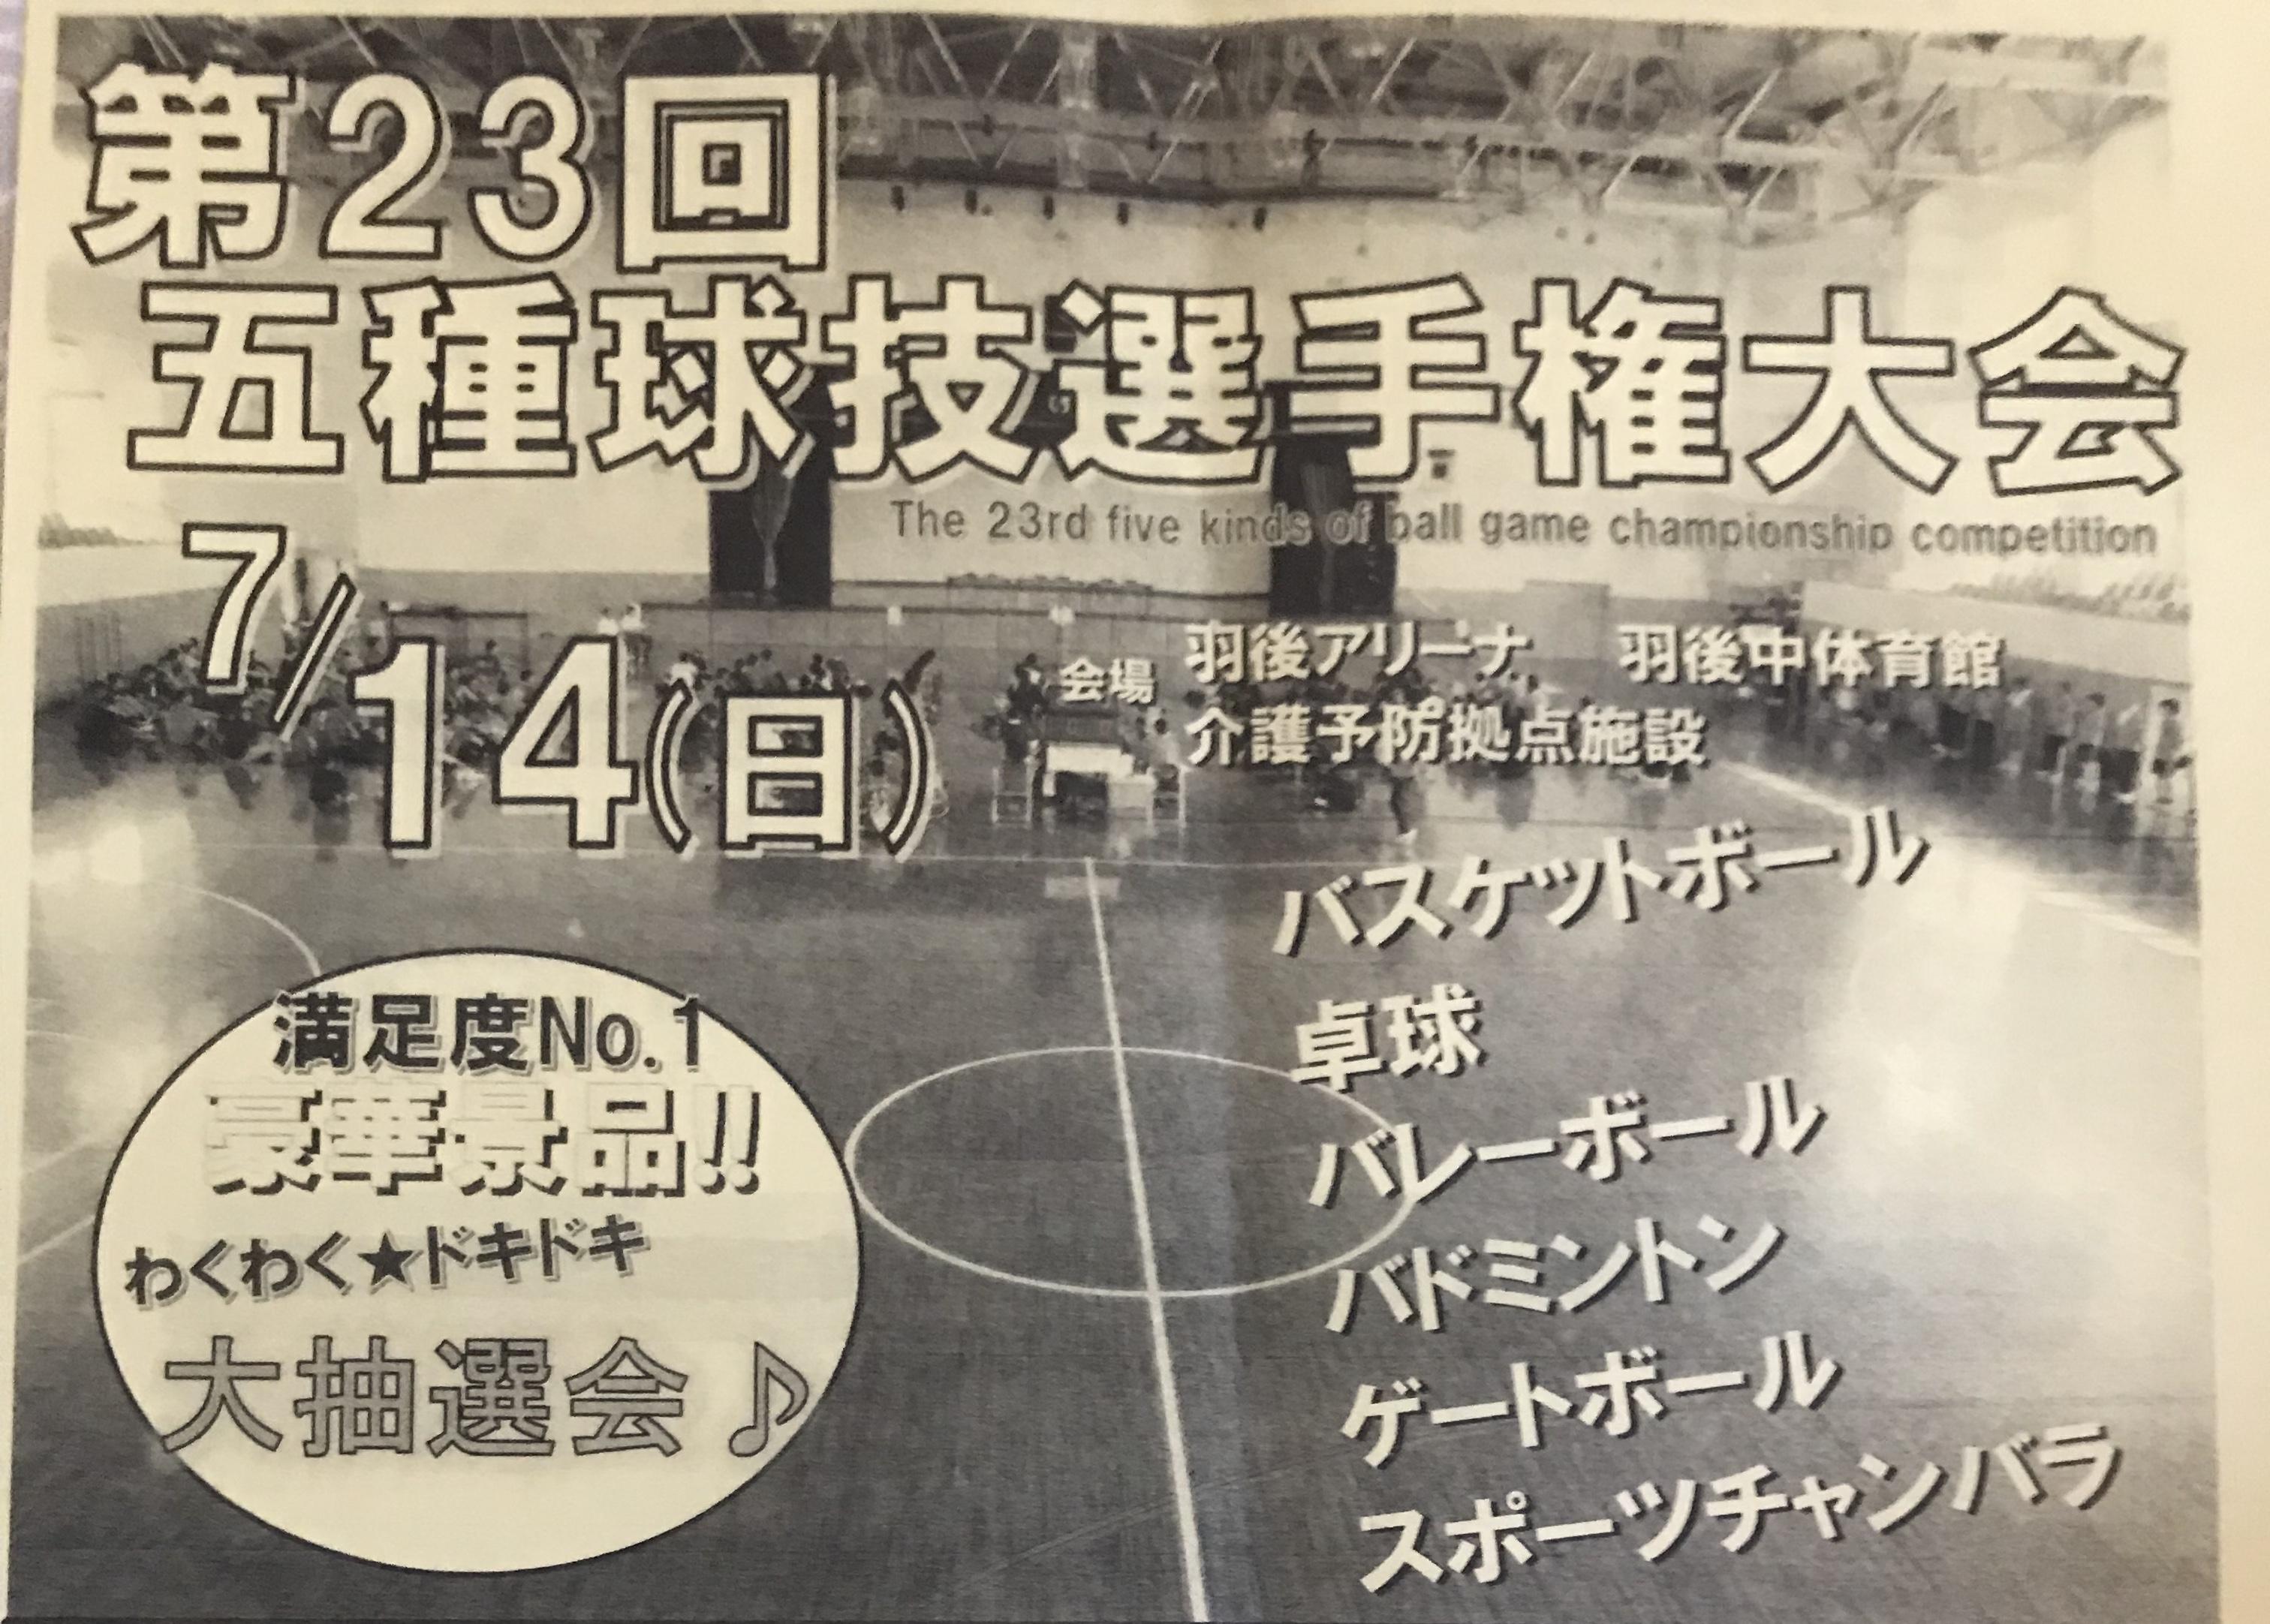 五種球技大会